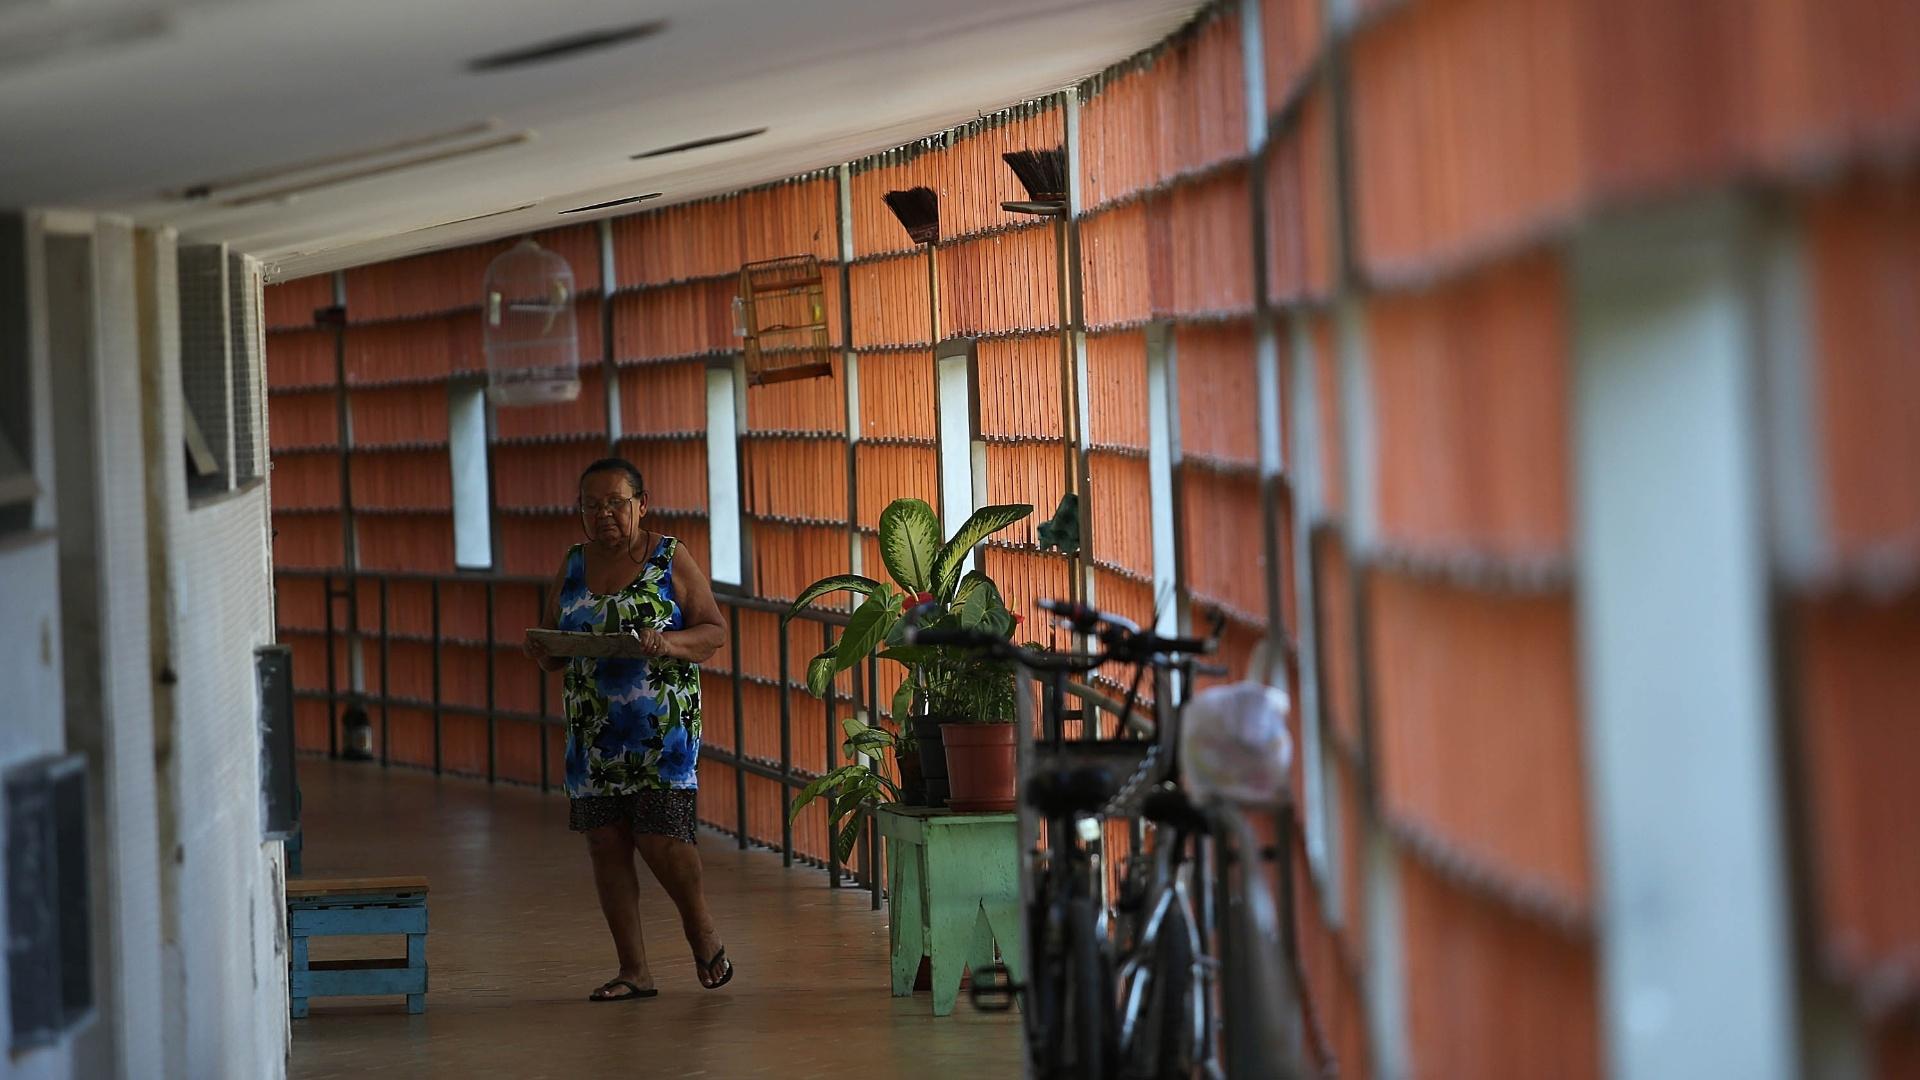 27.mai.2015 - Moradora caminha por um corredor do conjunto Pedregulho, que é considerado uma espécie de varanda dos apartamentos. No espaço podem ser encontrados animais de estimação, bicicletas, bancos, cadeiras, entre outros objetos